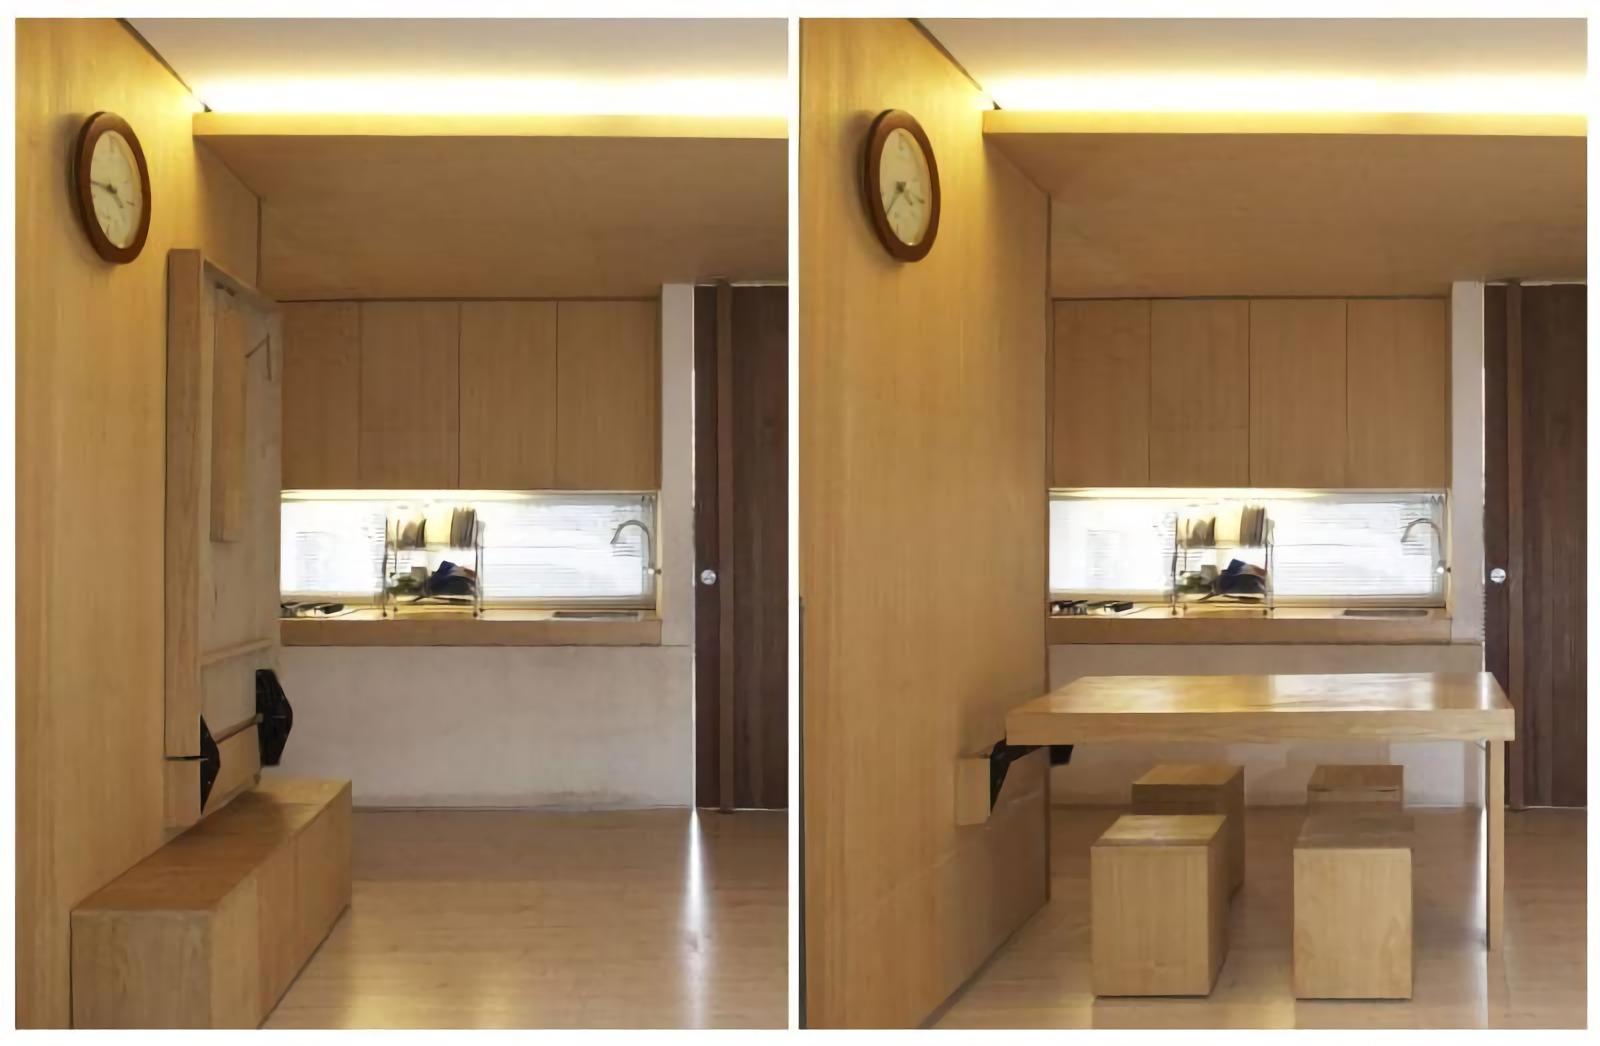 51 SQM House di Jakarta karya Sontang M Siregar tahun 2010 (Sumber: arsitag.com)